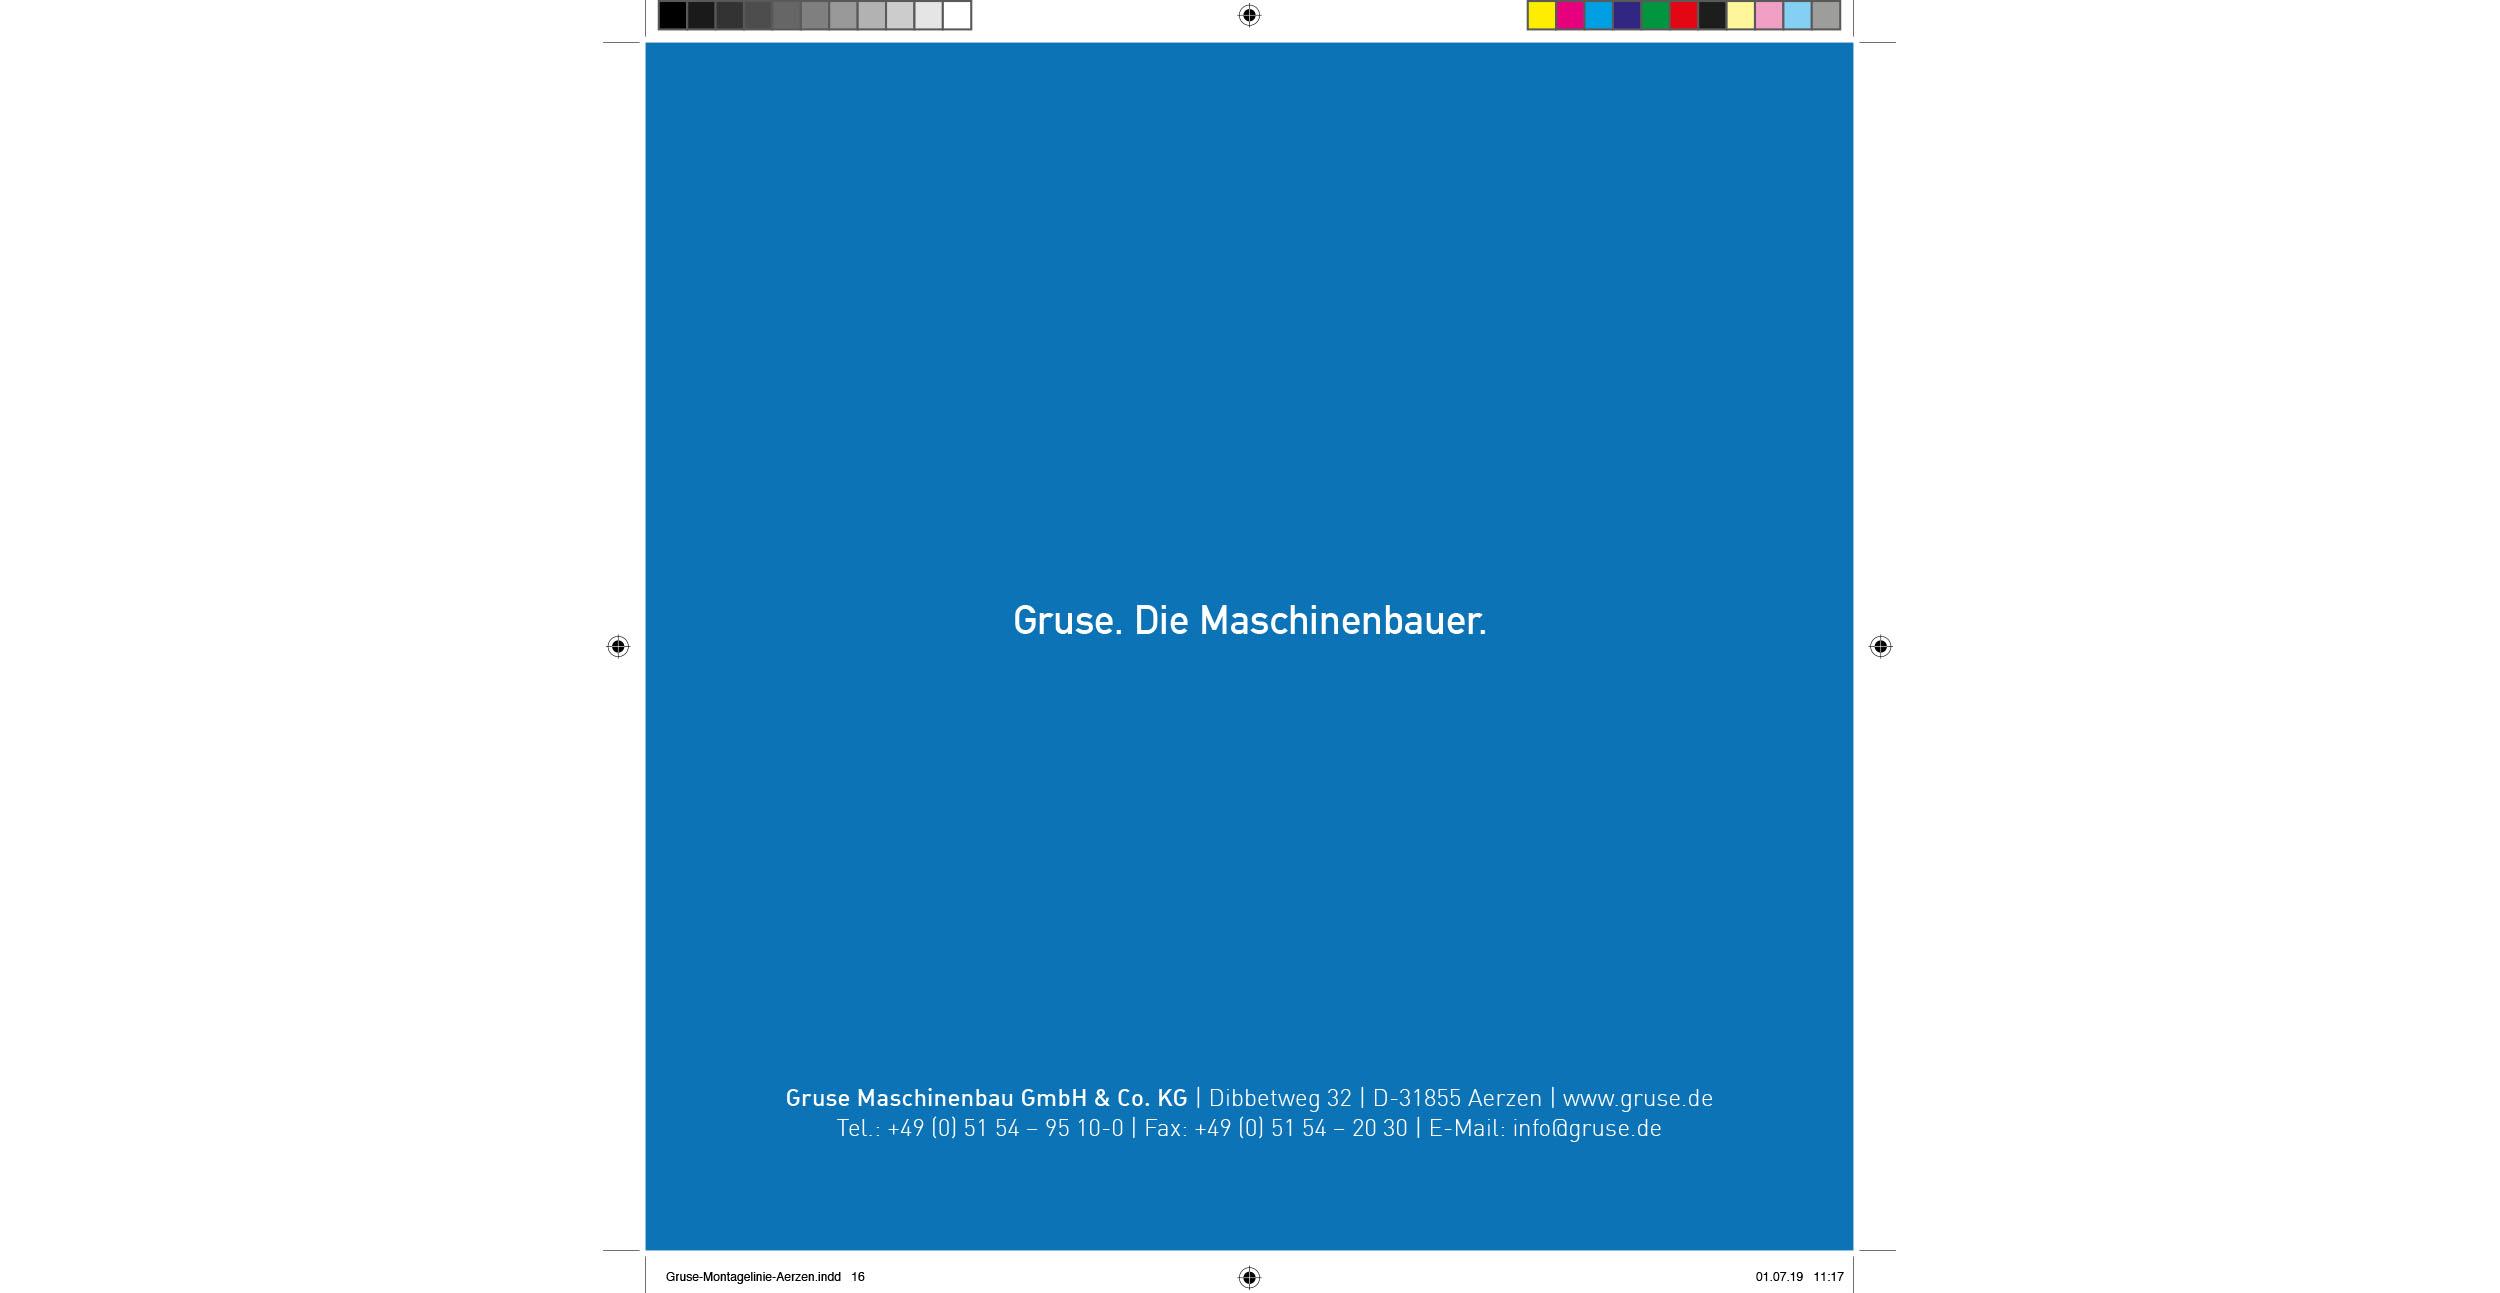 Domaene-zwei-Montagelinie_16.jpg